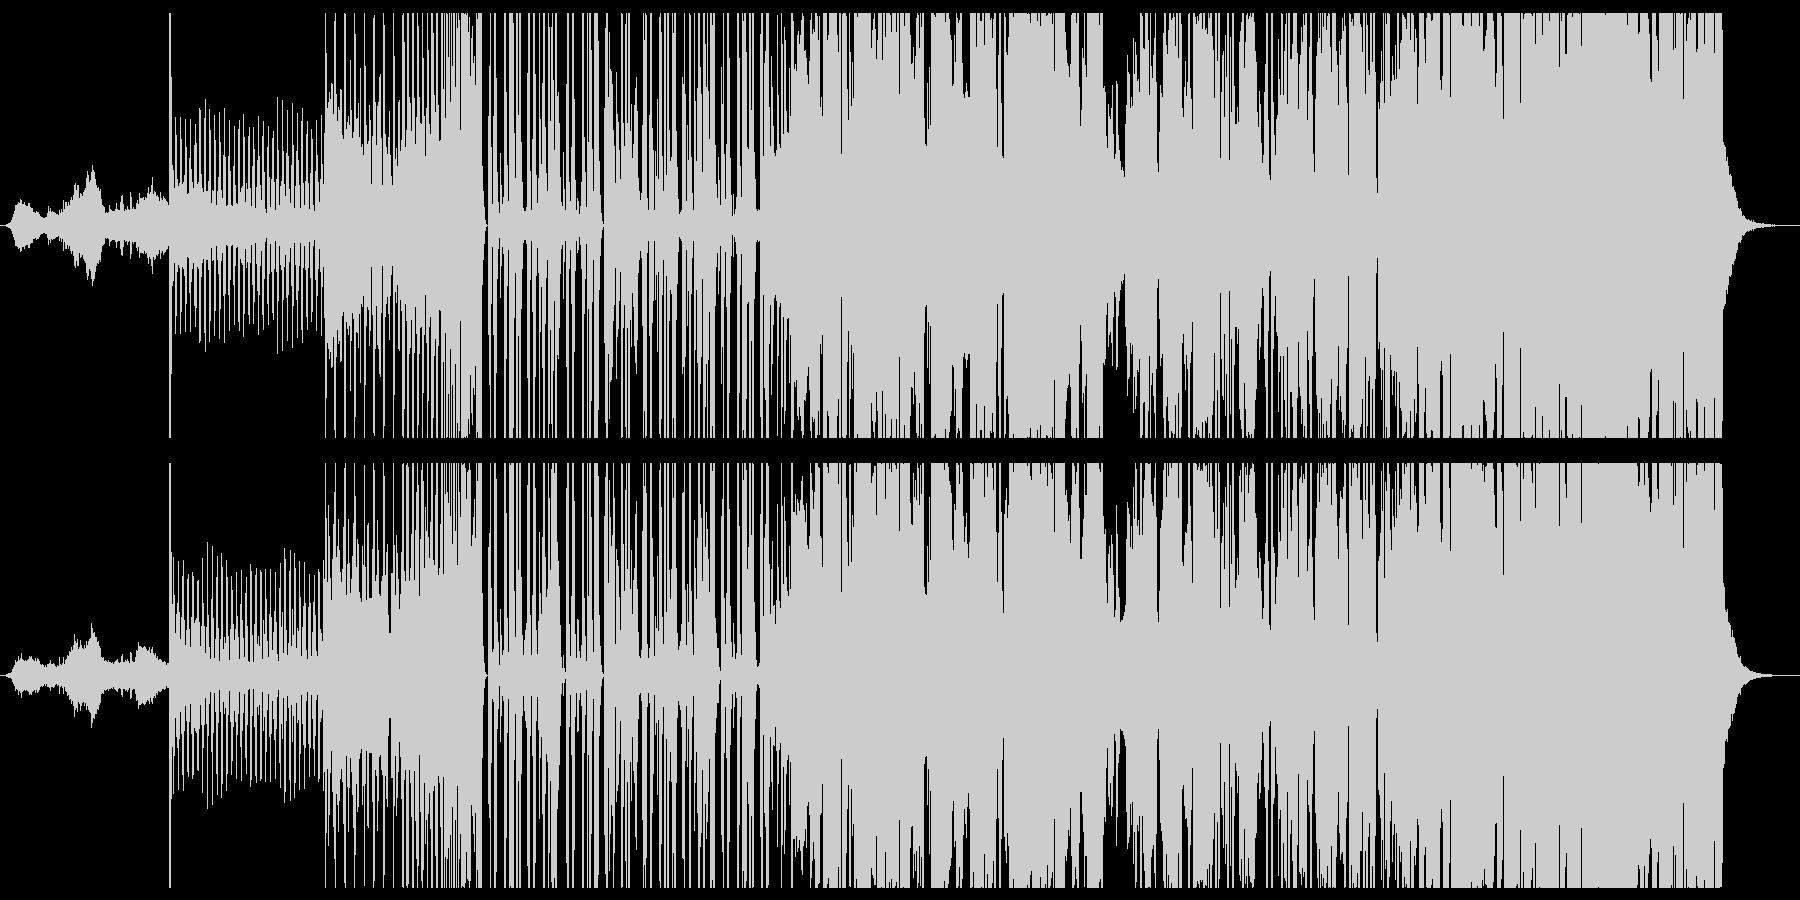 エレクトロ感満載フューチャーベースの未再生の波形